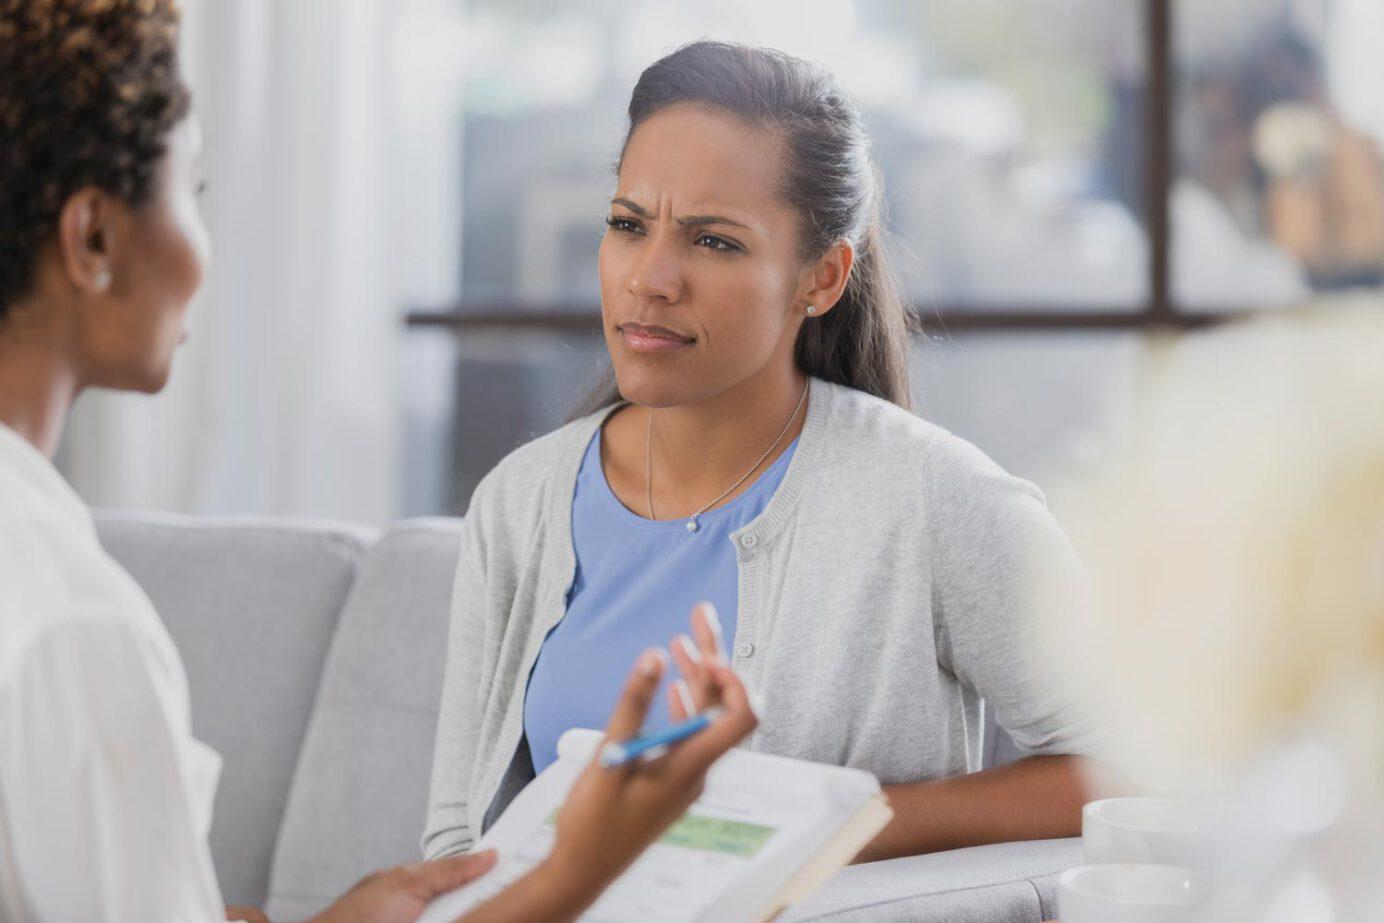 Frau mit ein wenig verständnisloser Miene hört ihrer Gesprächspartnerin zu